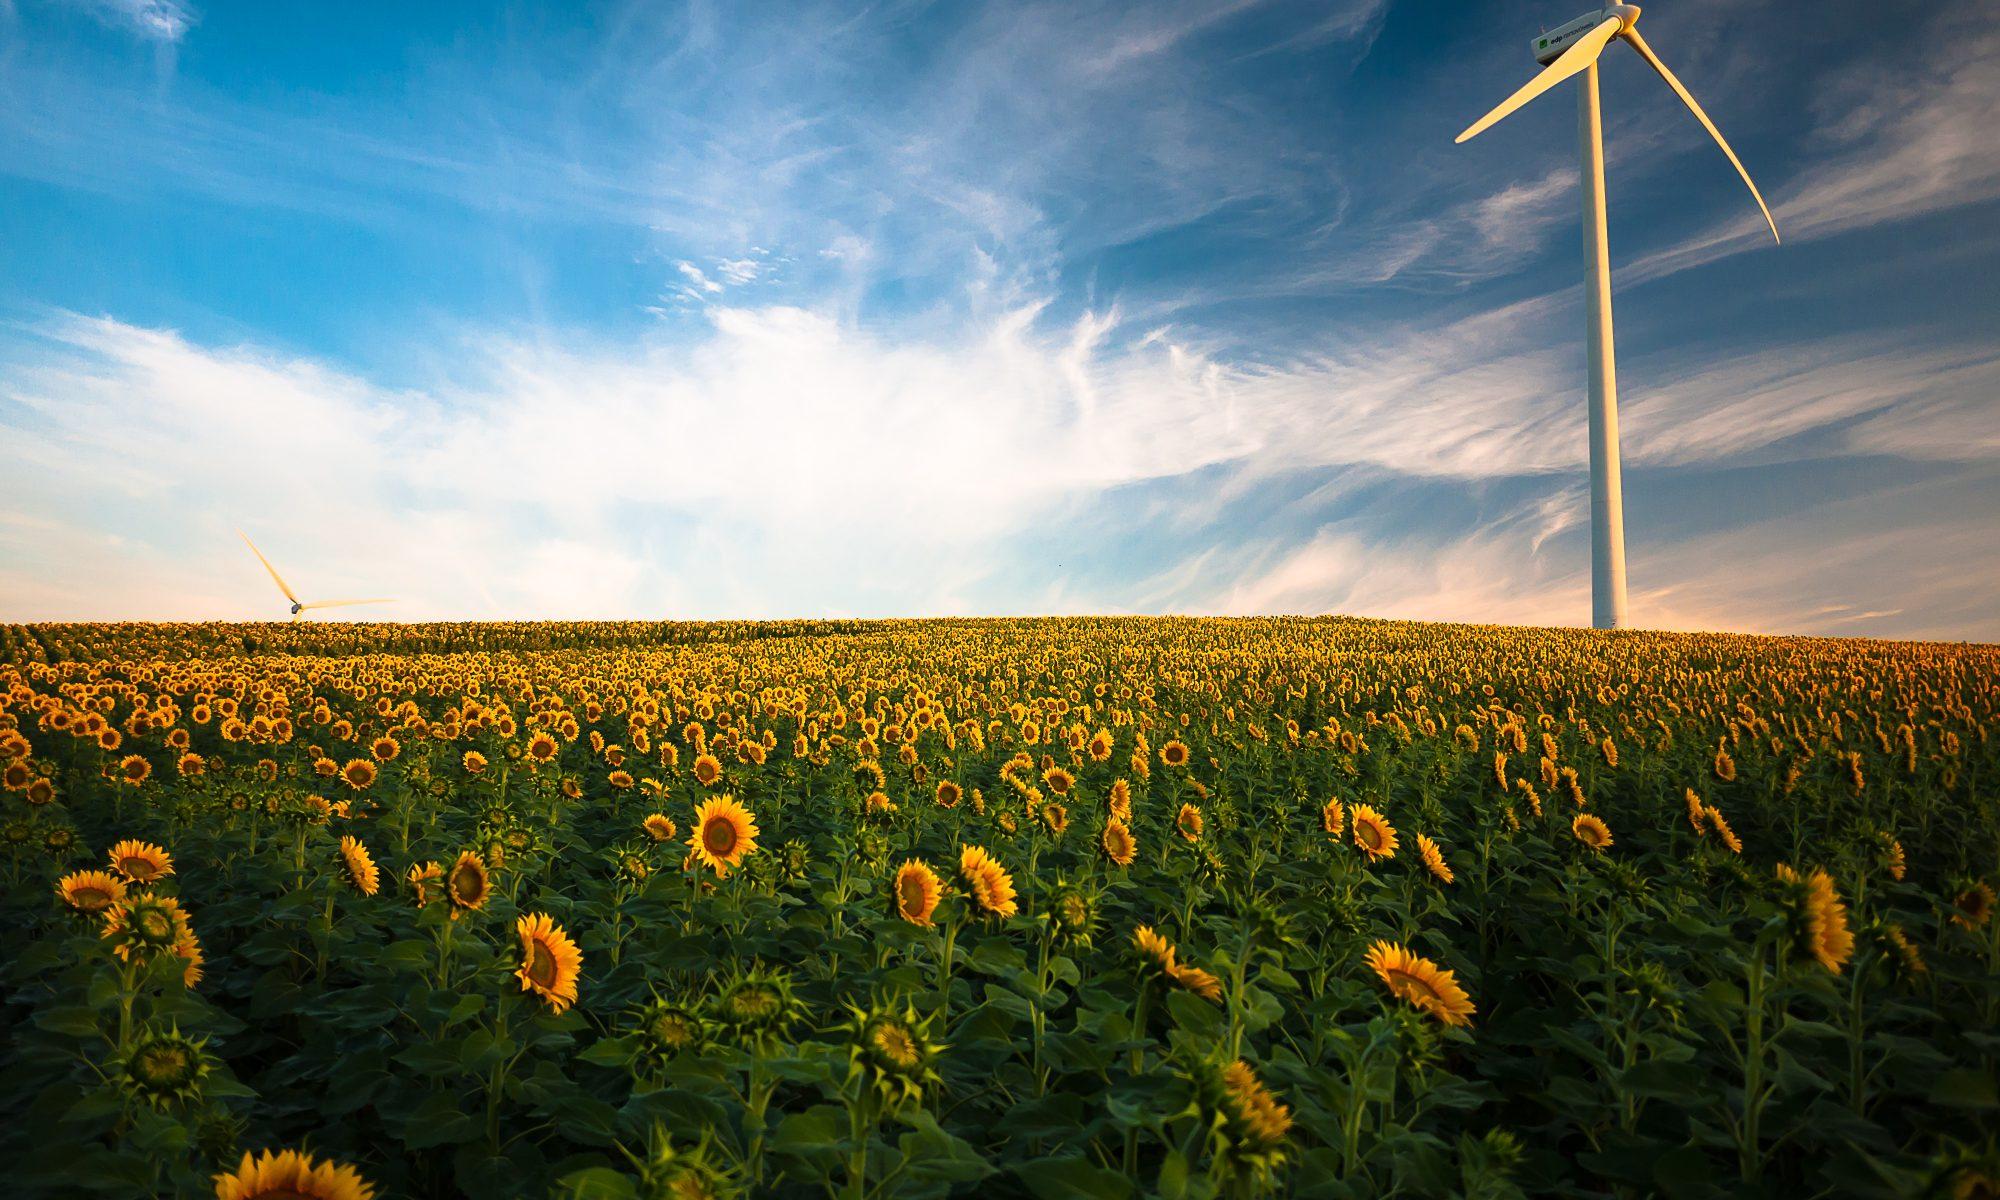 Ein Windrand an einem Sonnenblumenfeld. Quelle: unsplash